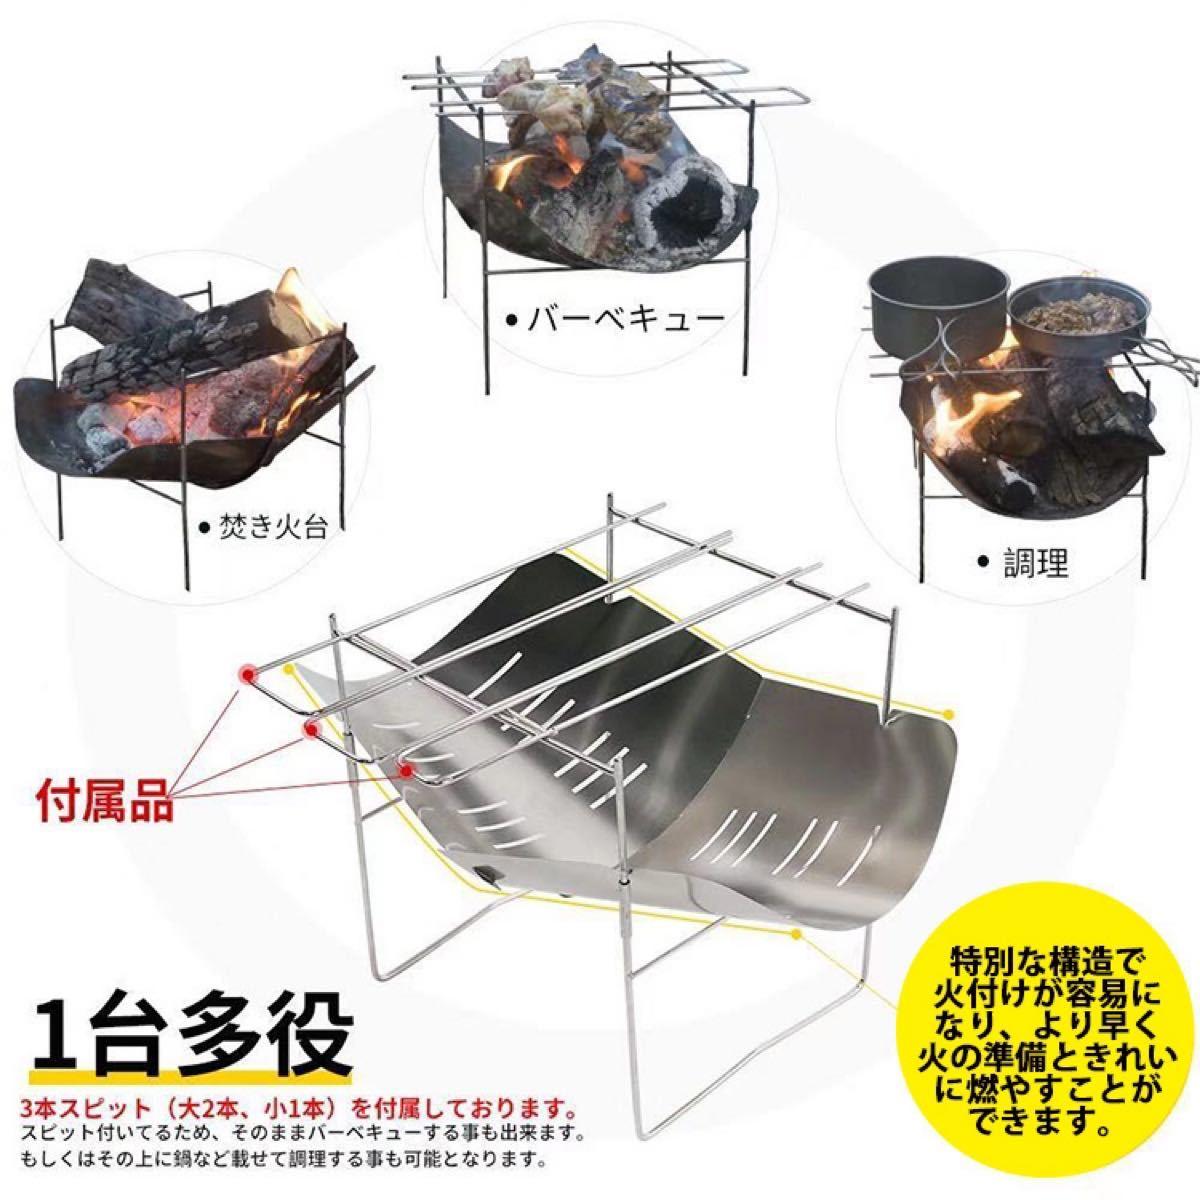 焚き火台 超人気 折り畳み式 頑丈で小型 バーベキューコンロ スピット3本付き ソロキャンプ